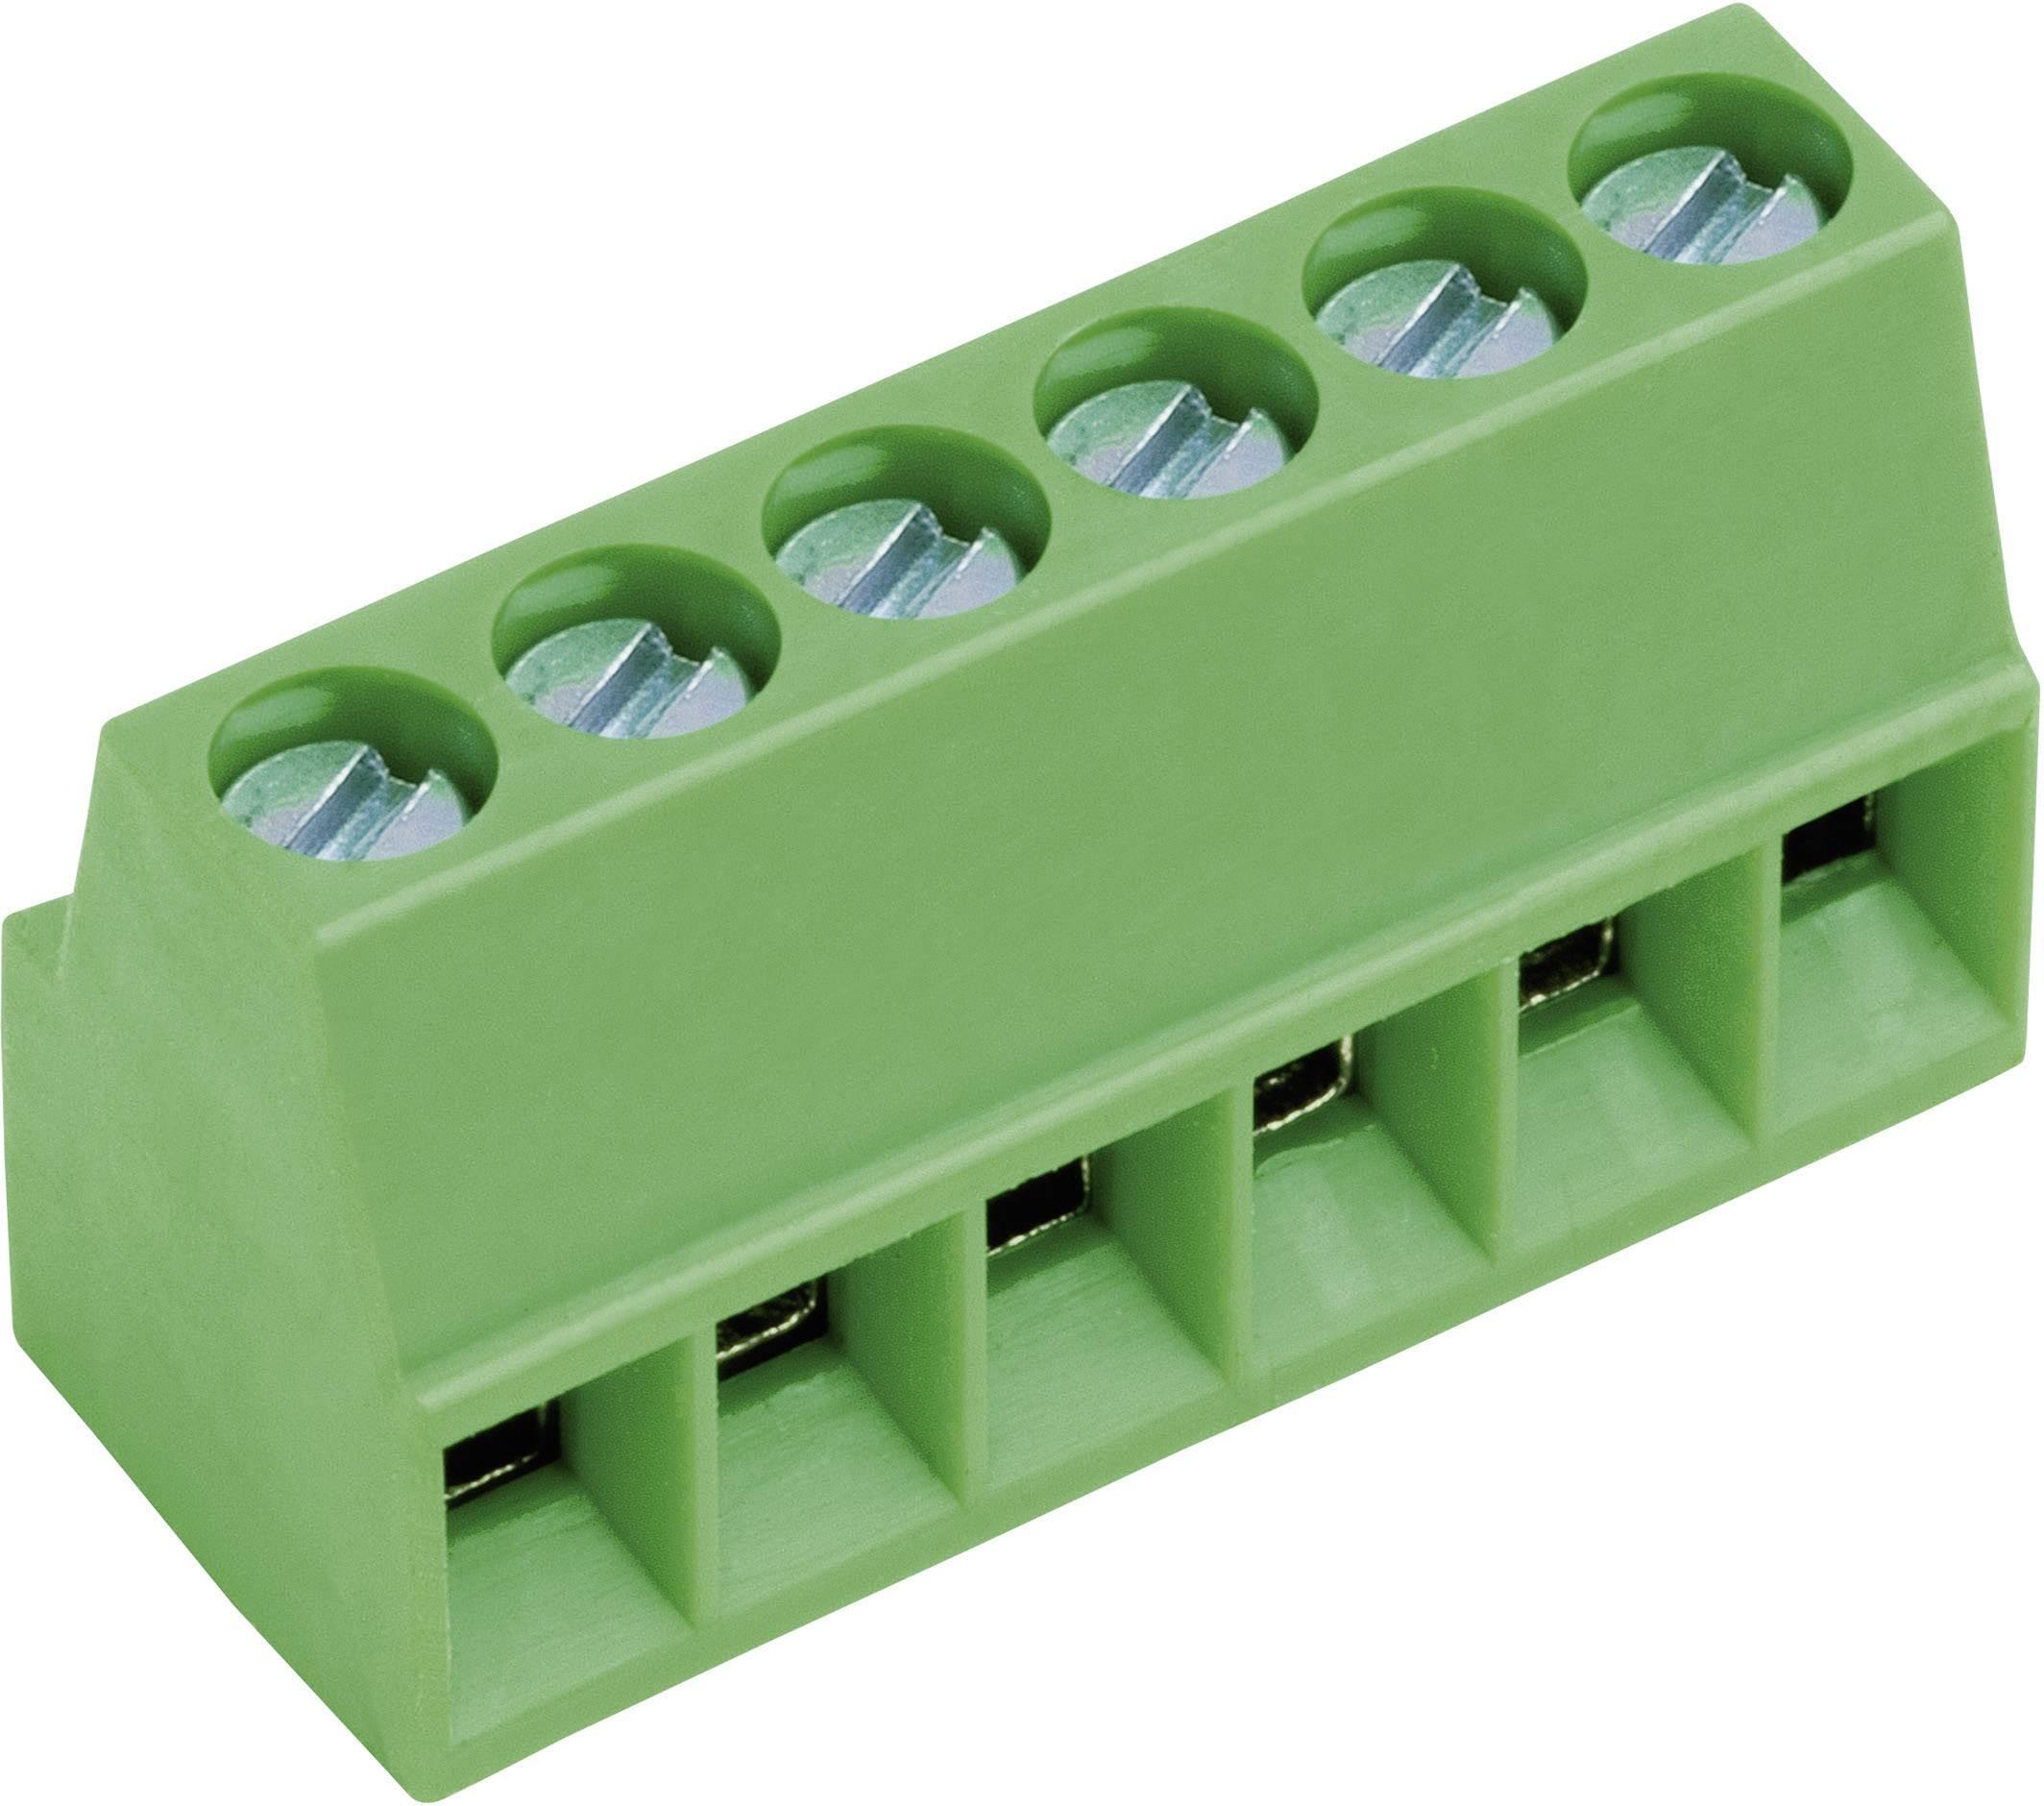 Pájecí šroub. svorka 10nás. AKZ692/10-2.54-V (50692100021E), AWG 30-18, 2,54 mm, zelená